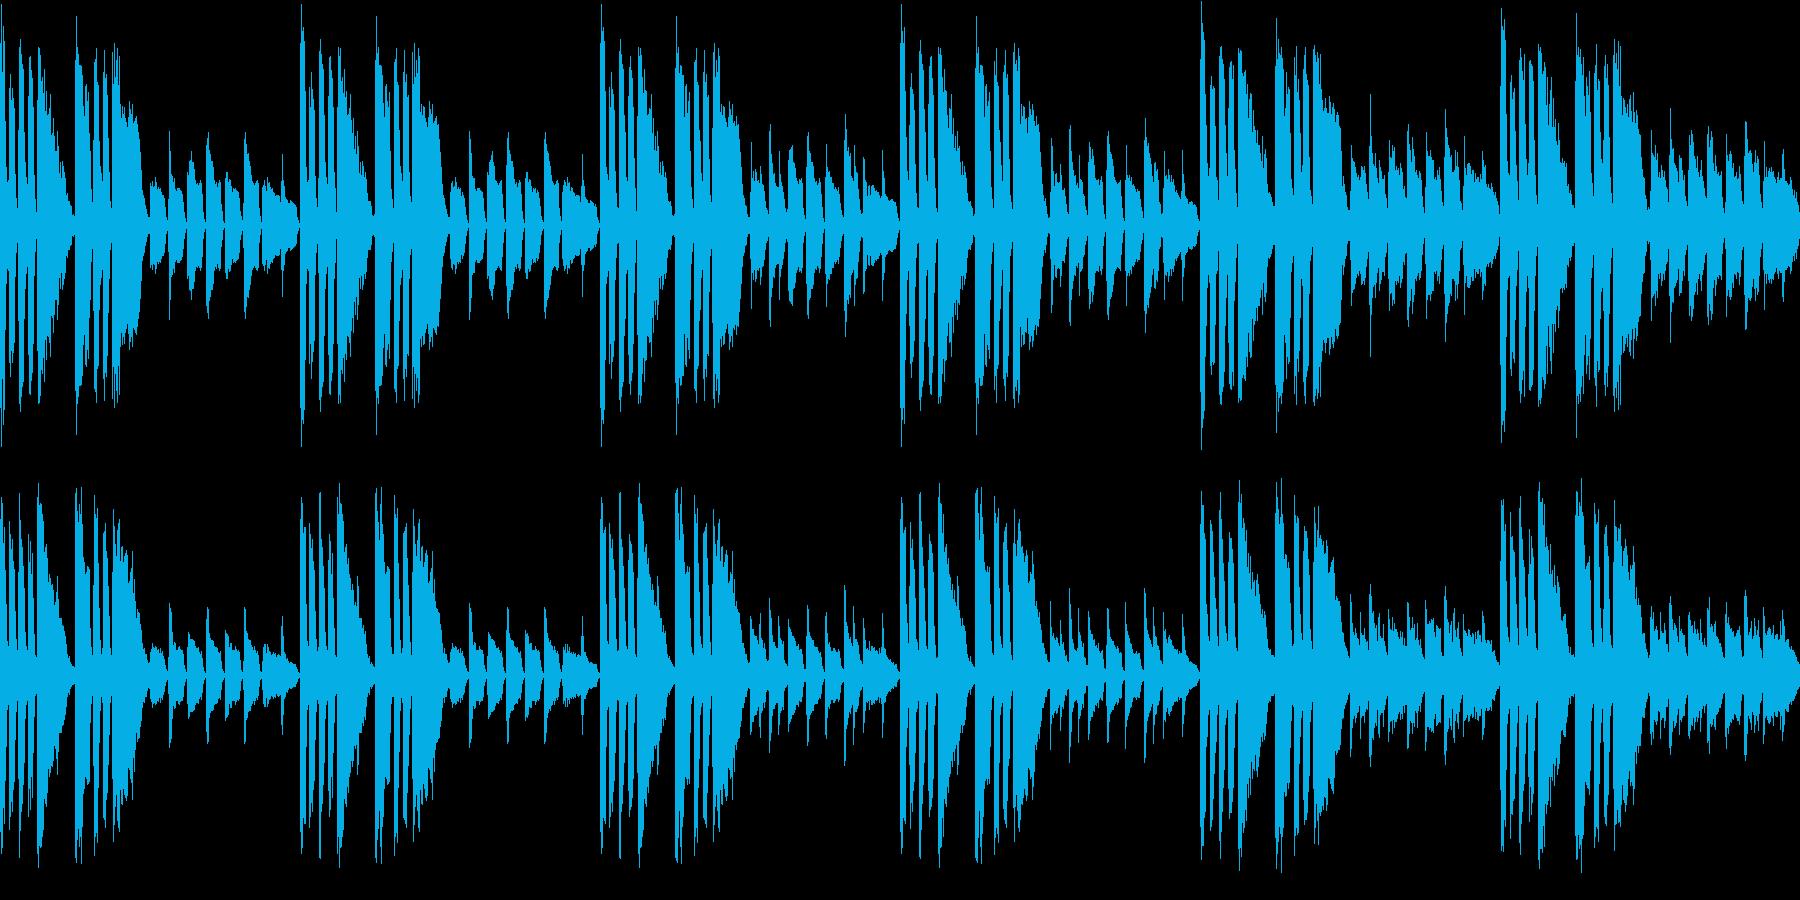 昔を思い出す卒業式な曲(ループ仕様)の再生済みの波形